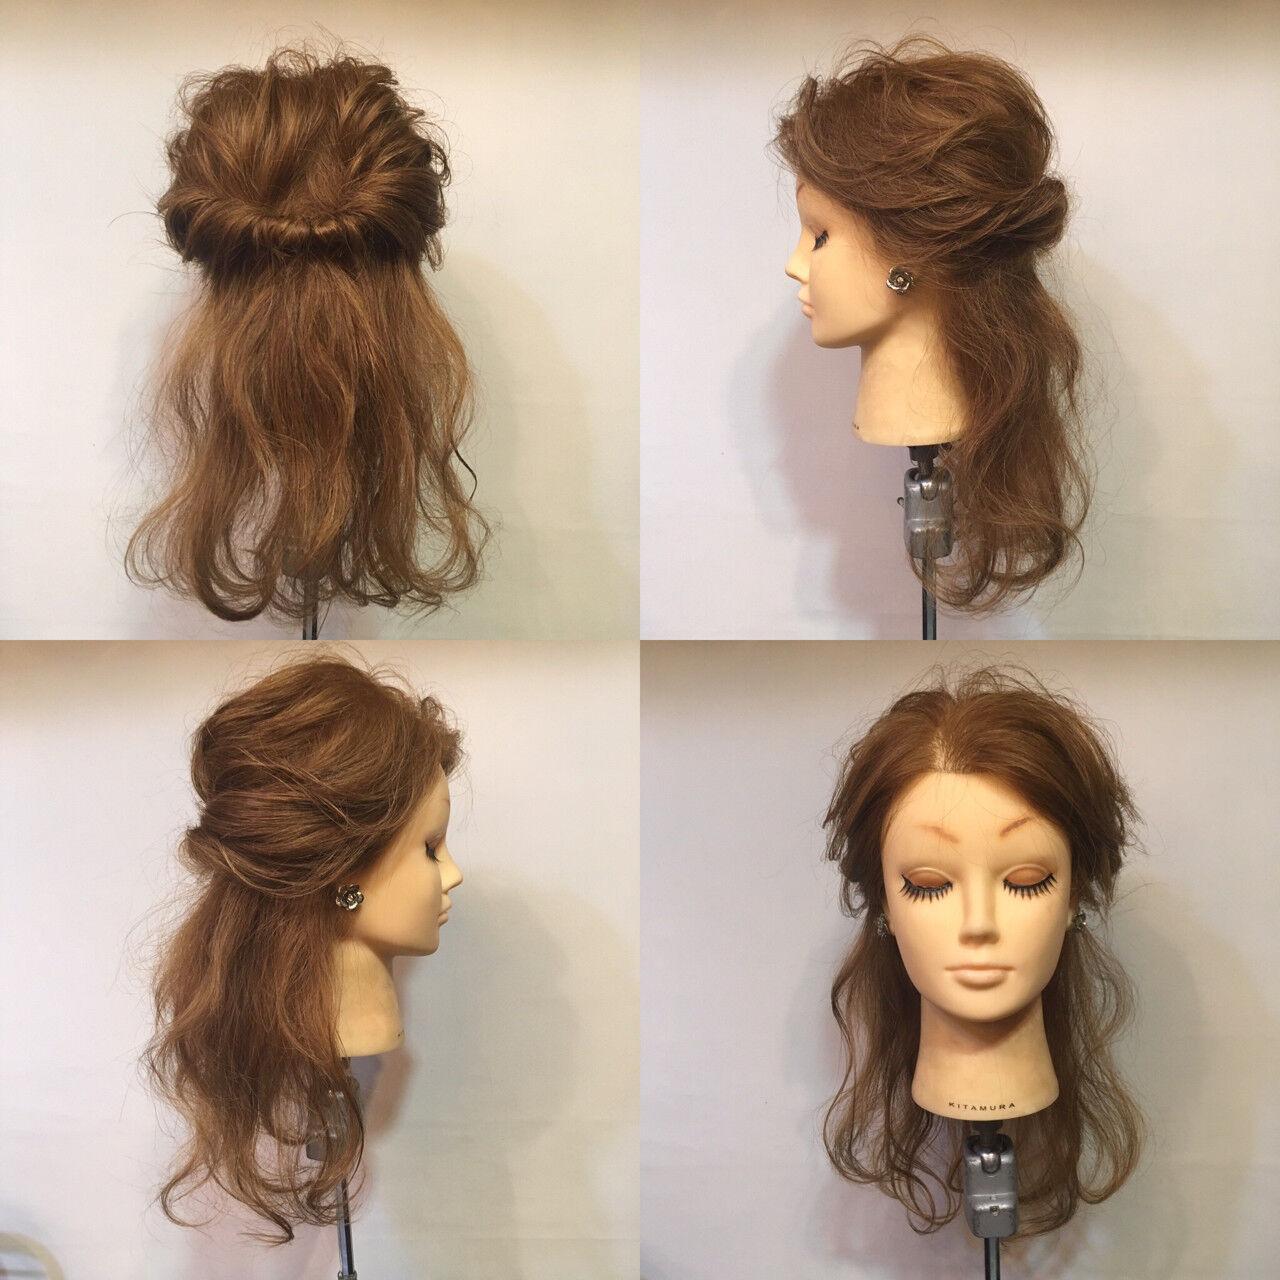 ヘアアレンジ ハーフアップ セミロング 波ウェーブヘアスタイルや髪型の写真・画像